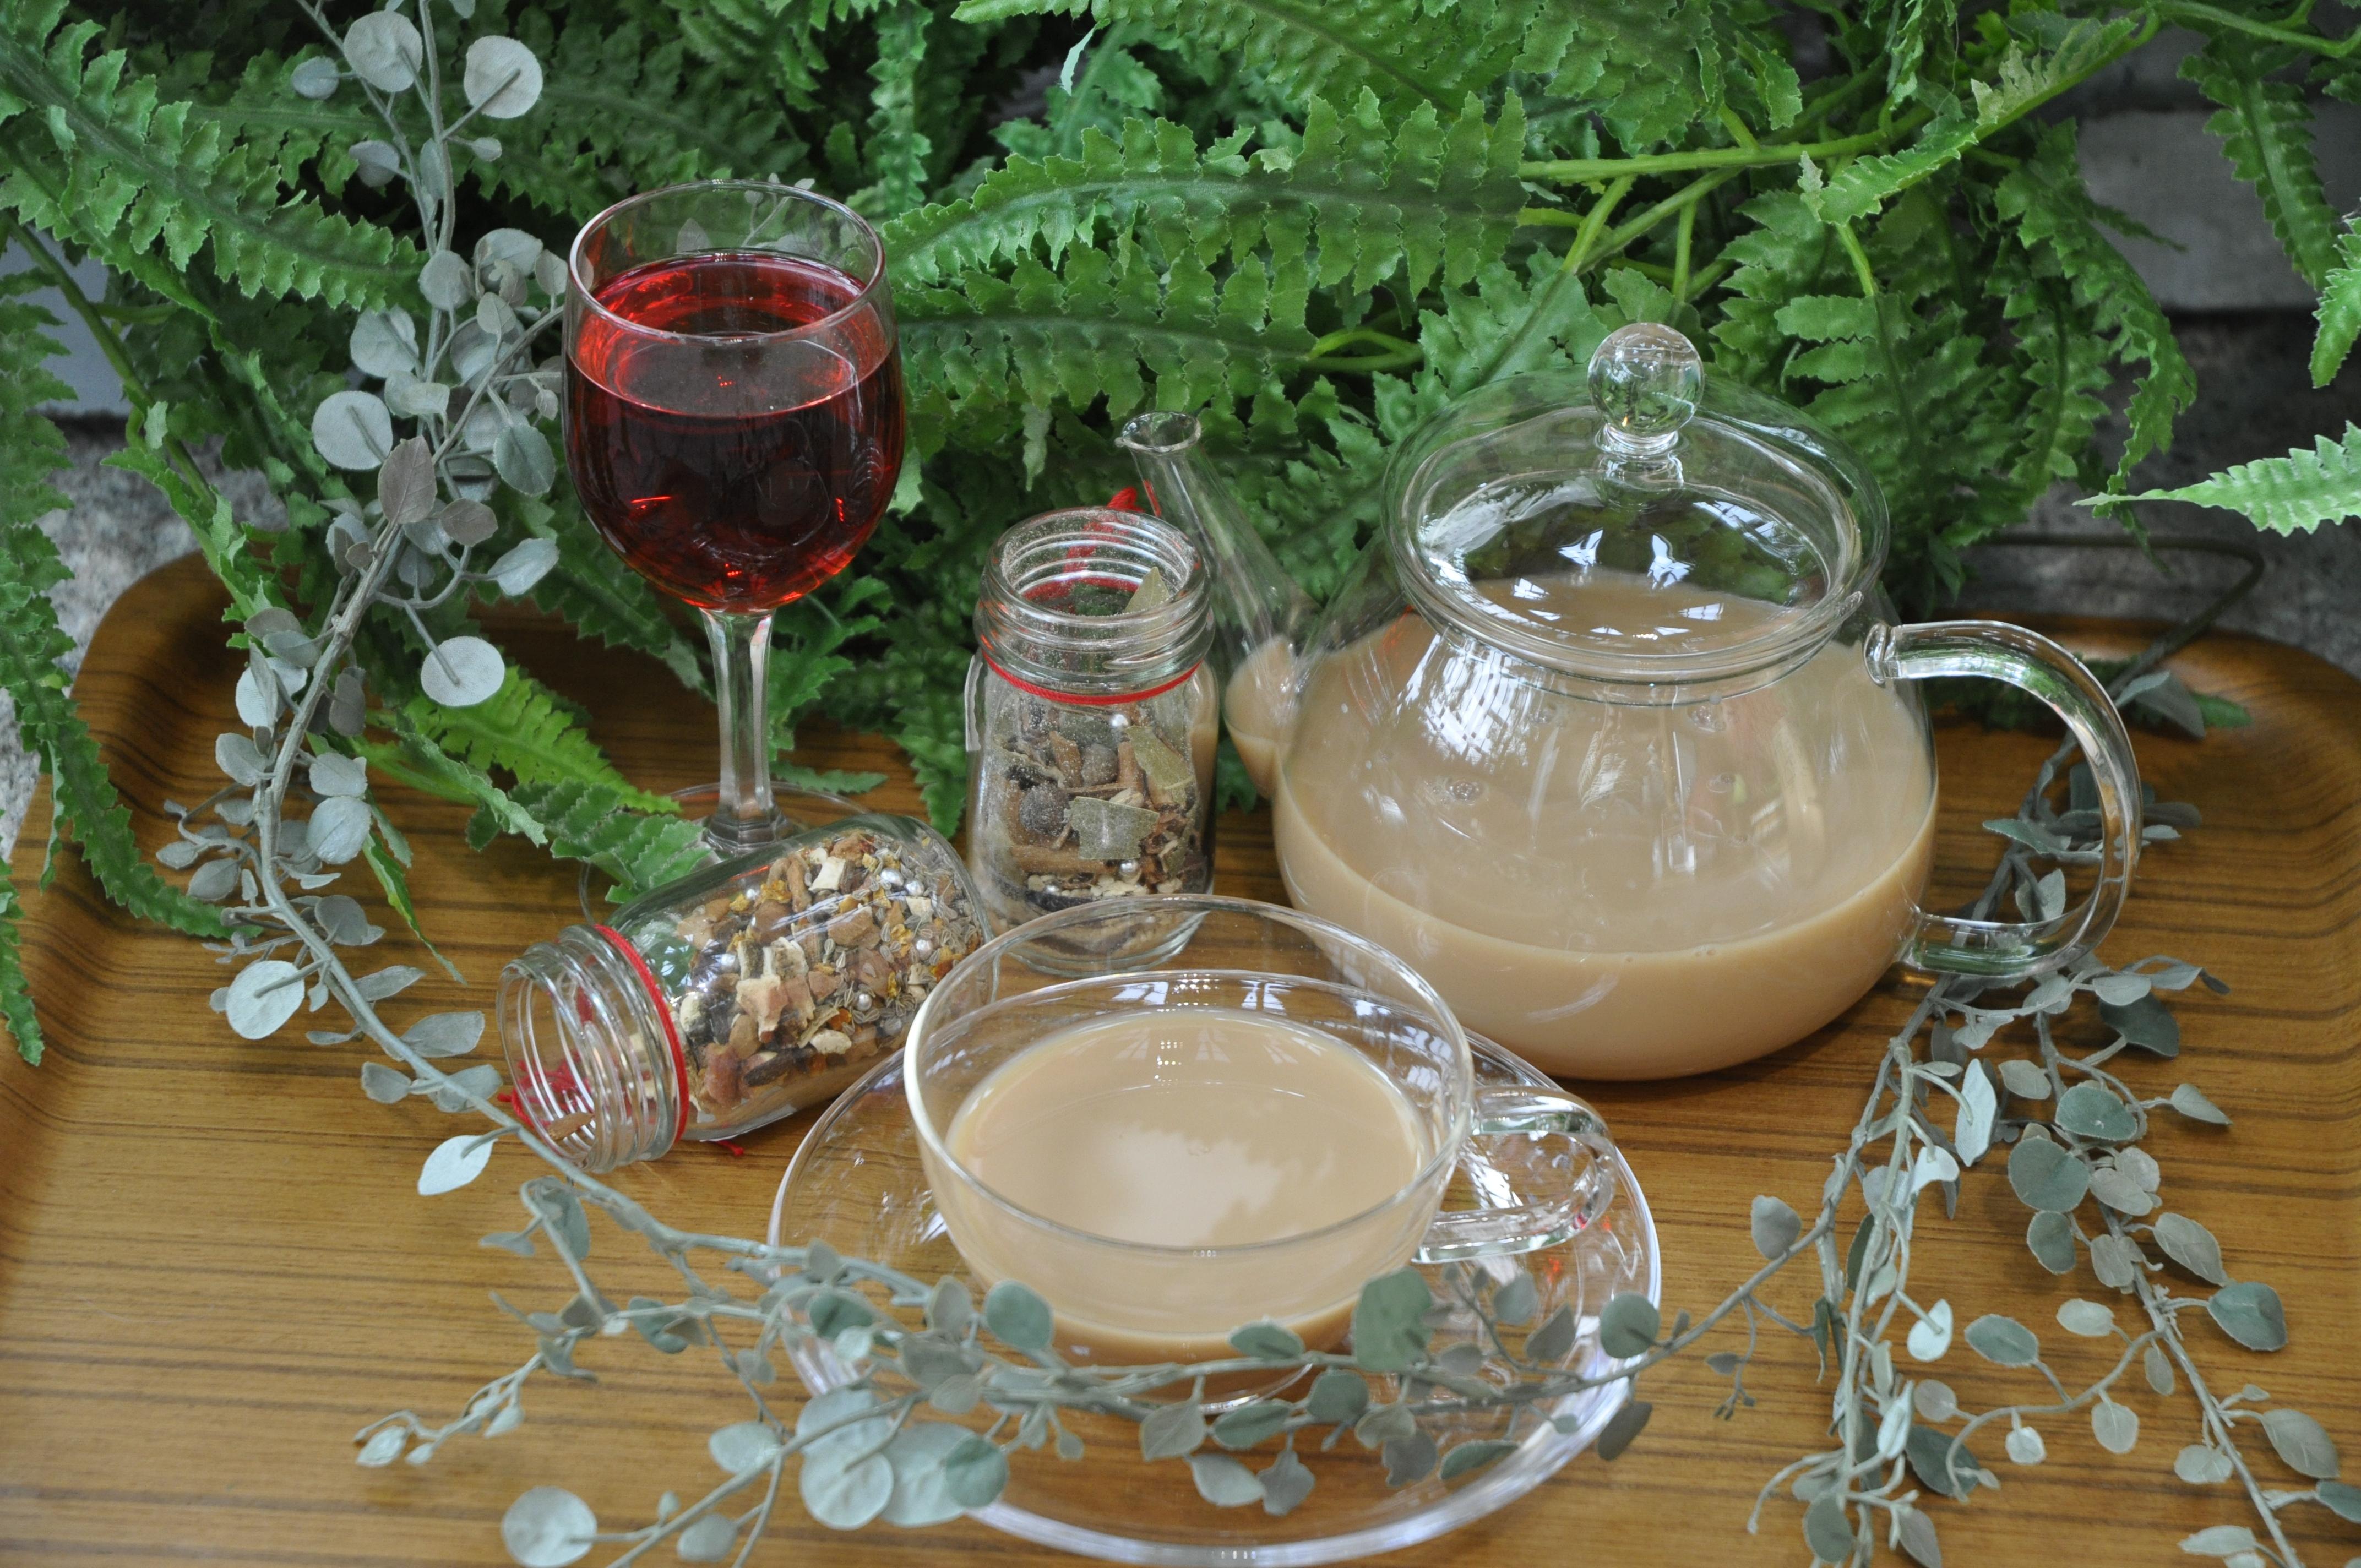 花育体験【クリスマススパイスブレンド体験】いくとぴあ食花クリスマスフェスタ